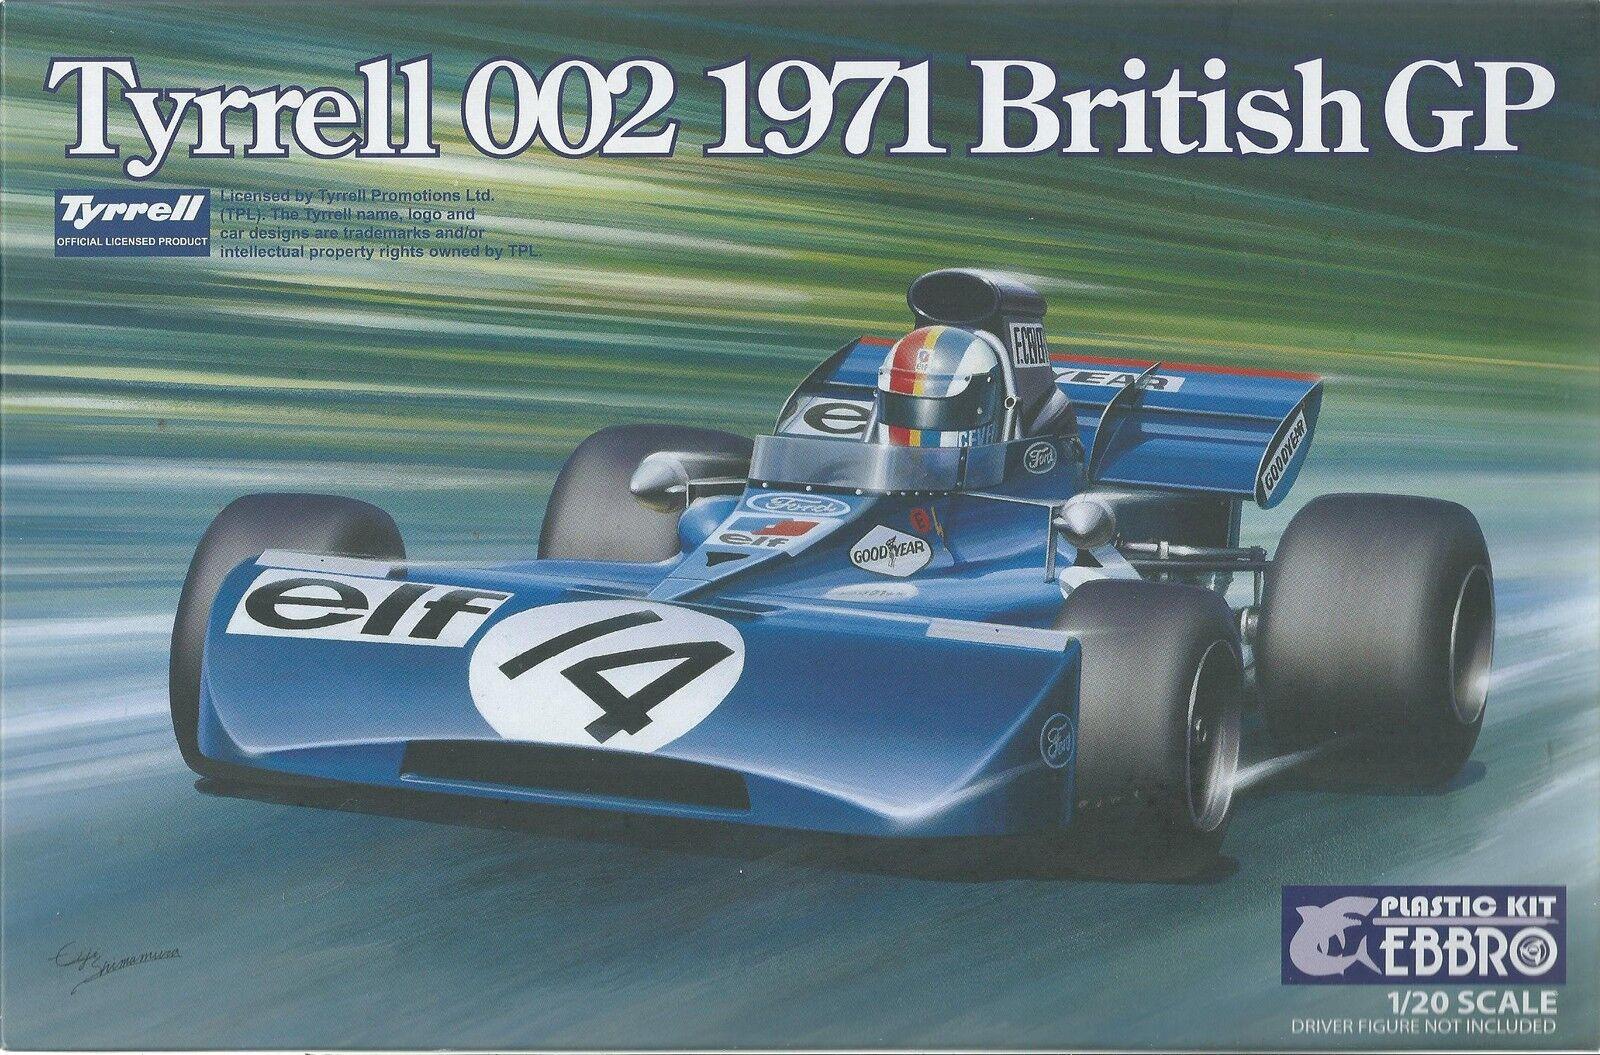 KIT EBBRO 1 20 DA COSTRUIRE IN PLASTICA TYRELL 002 1971 BRITISH GP  ART  008